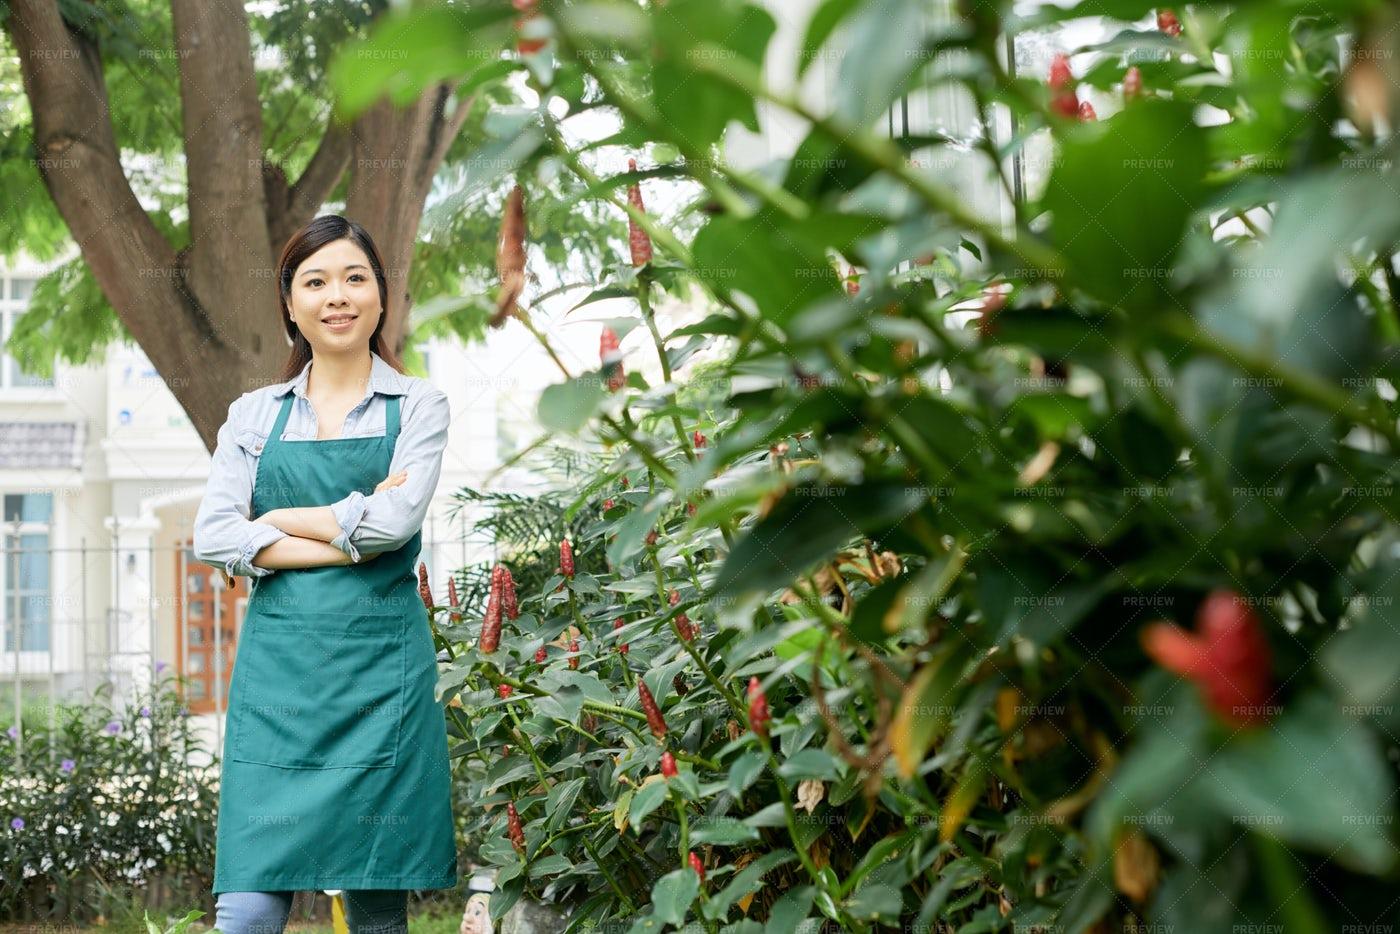 Garden Worker Checking Bushes: Stock Photos